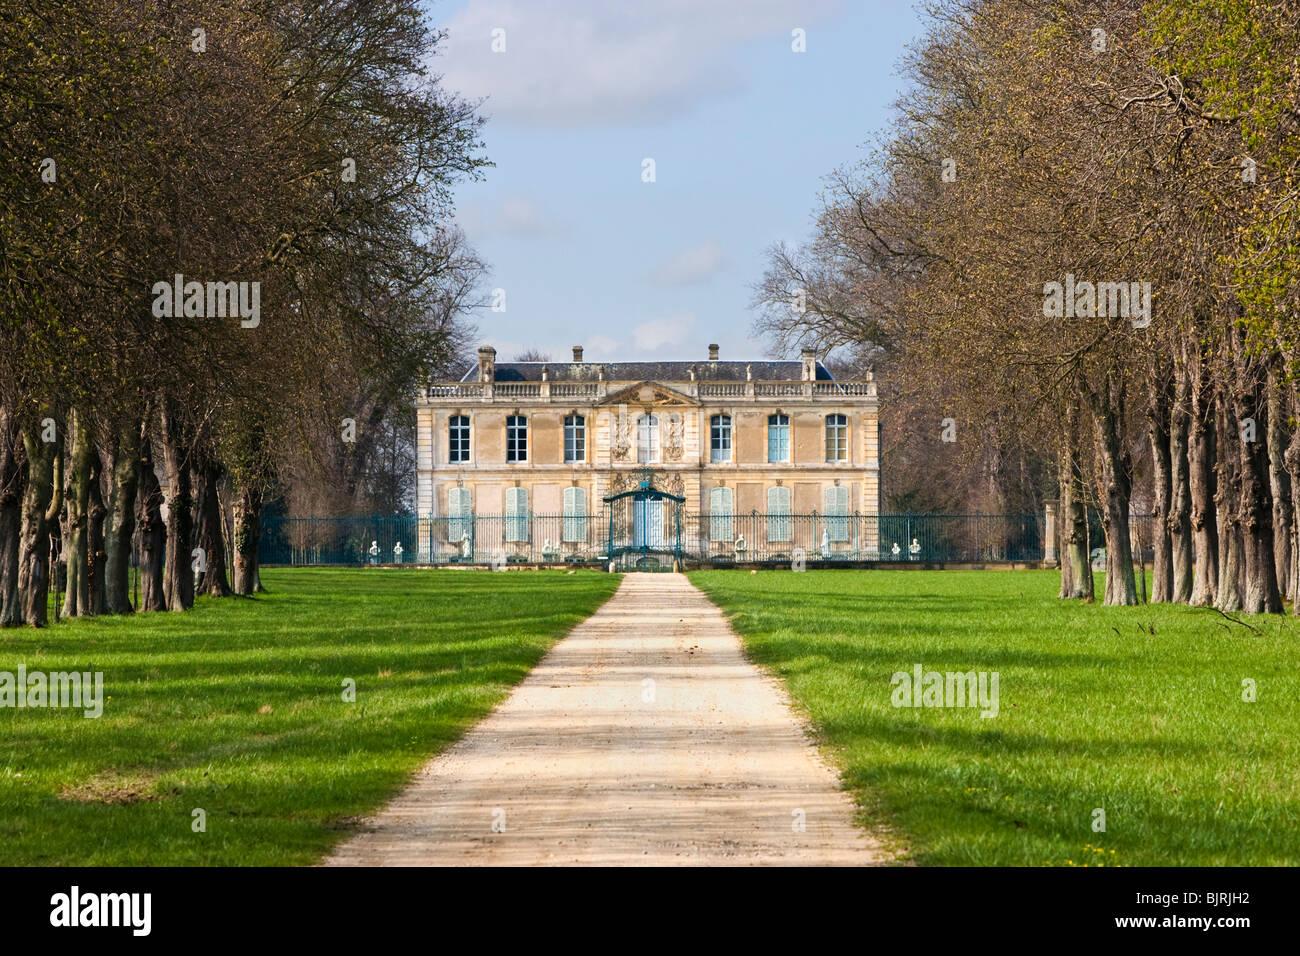 Chateau de Canon mansion manor house at Mezidon Canon, Calvados, Normandy, France - Stock Image